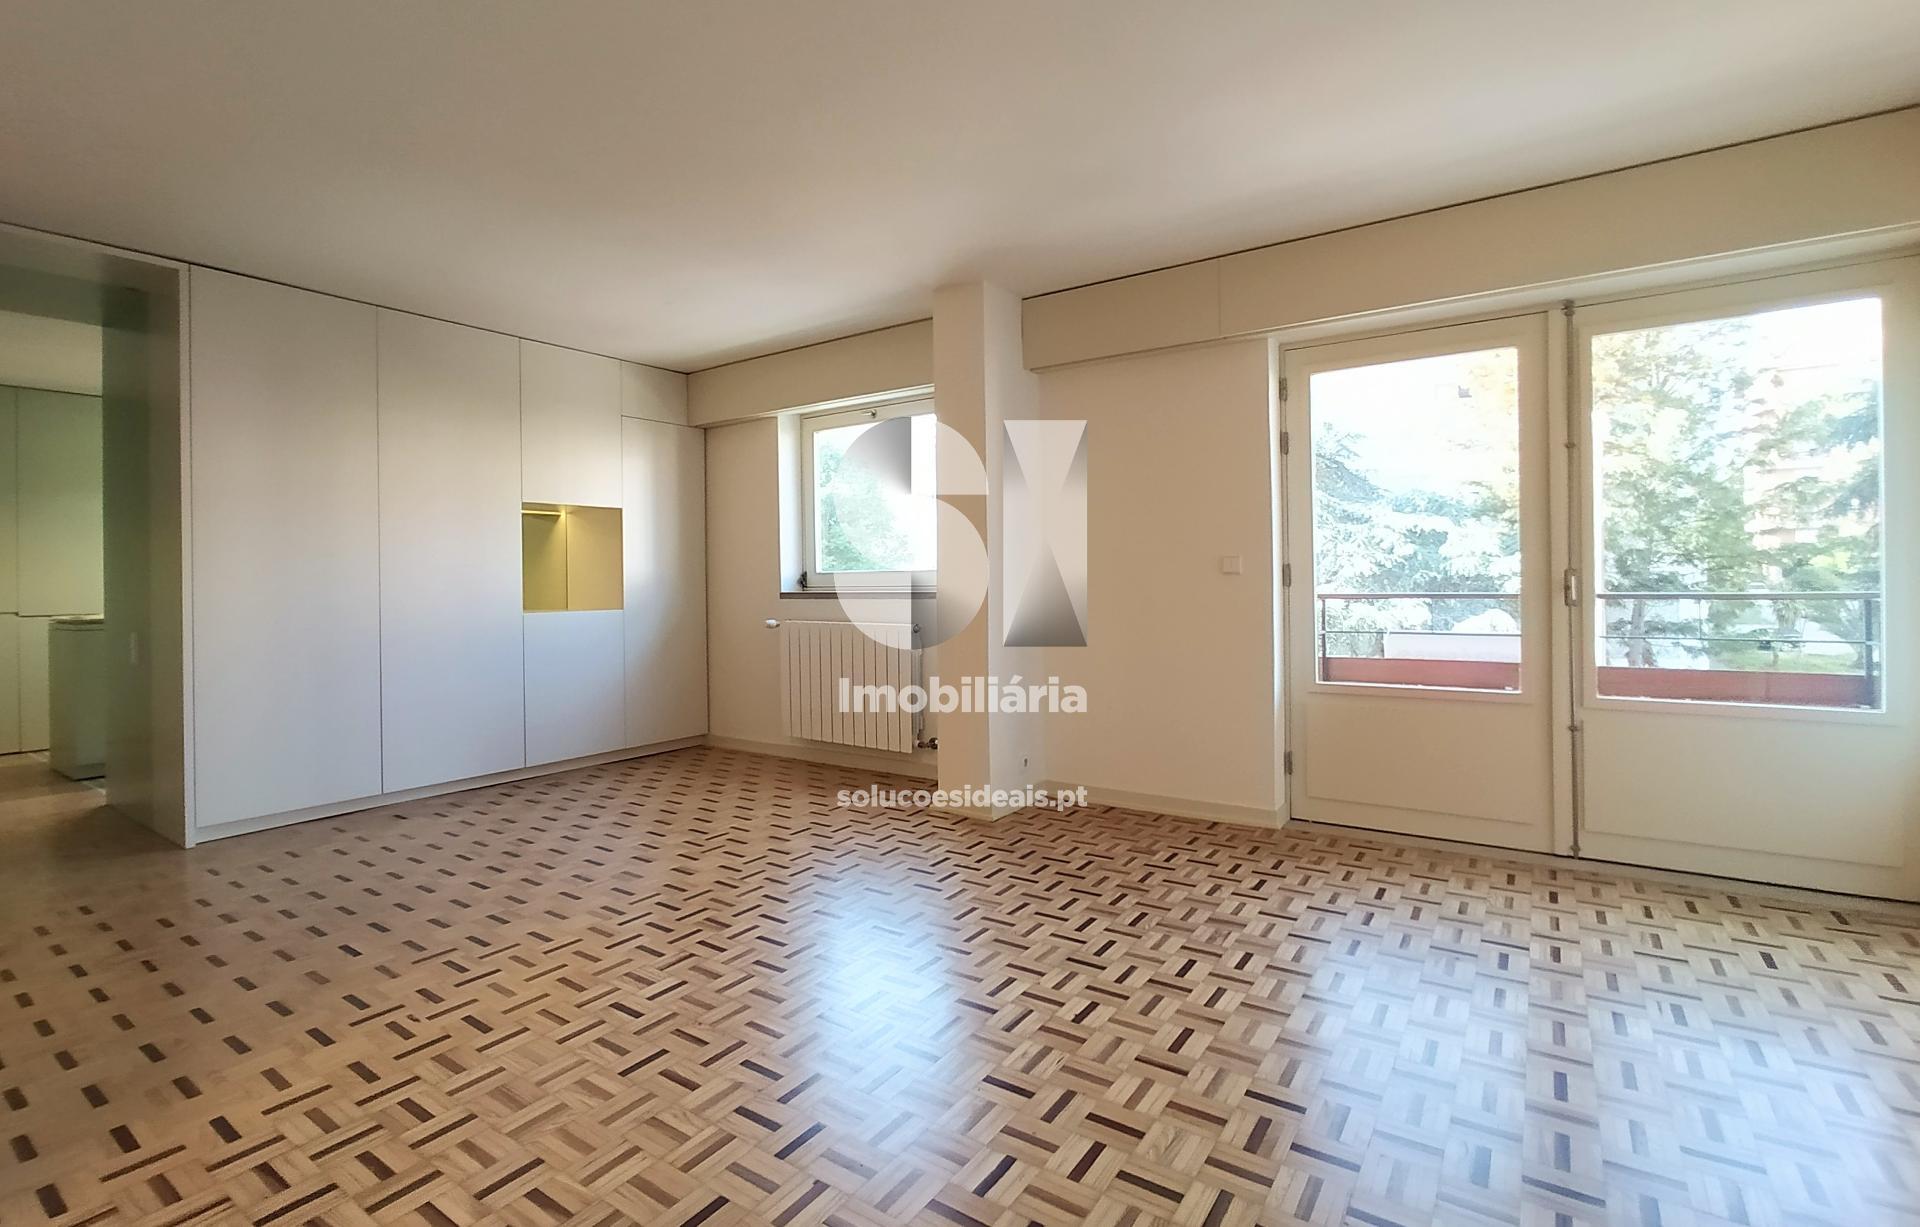 apartamento t3 para compra em coimbra santo antonio dos olivais solum CPTLCG200